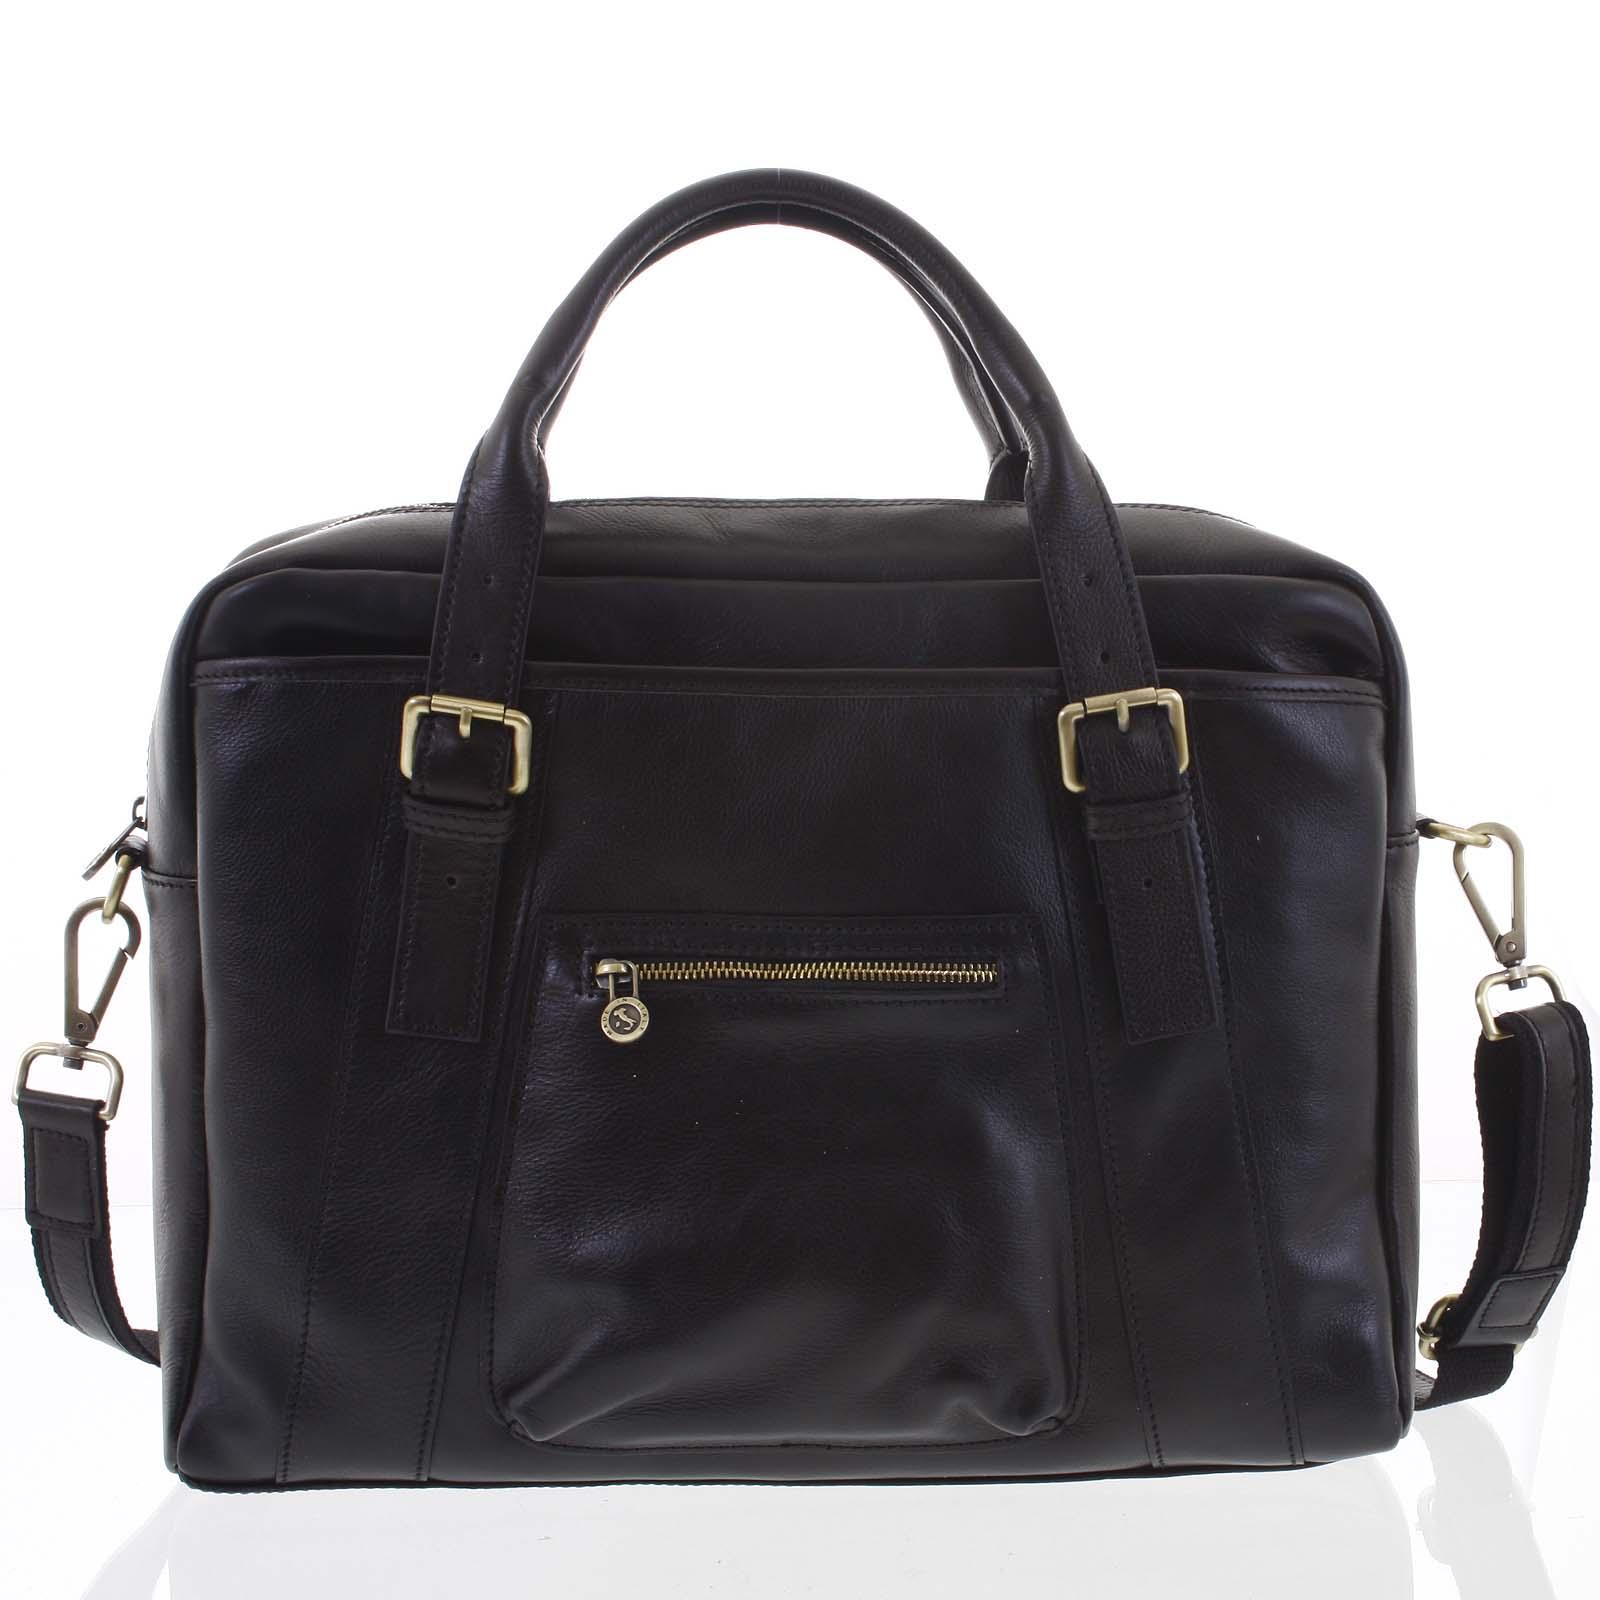 Kožená väčšia business taška čierna - ItalY Fabio čierna